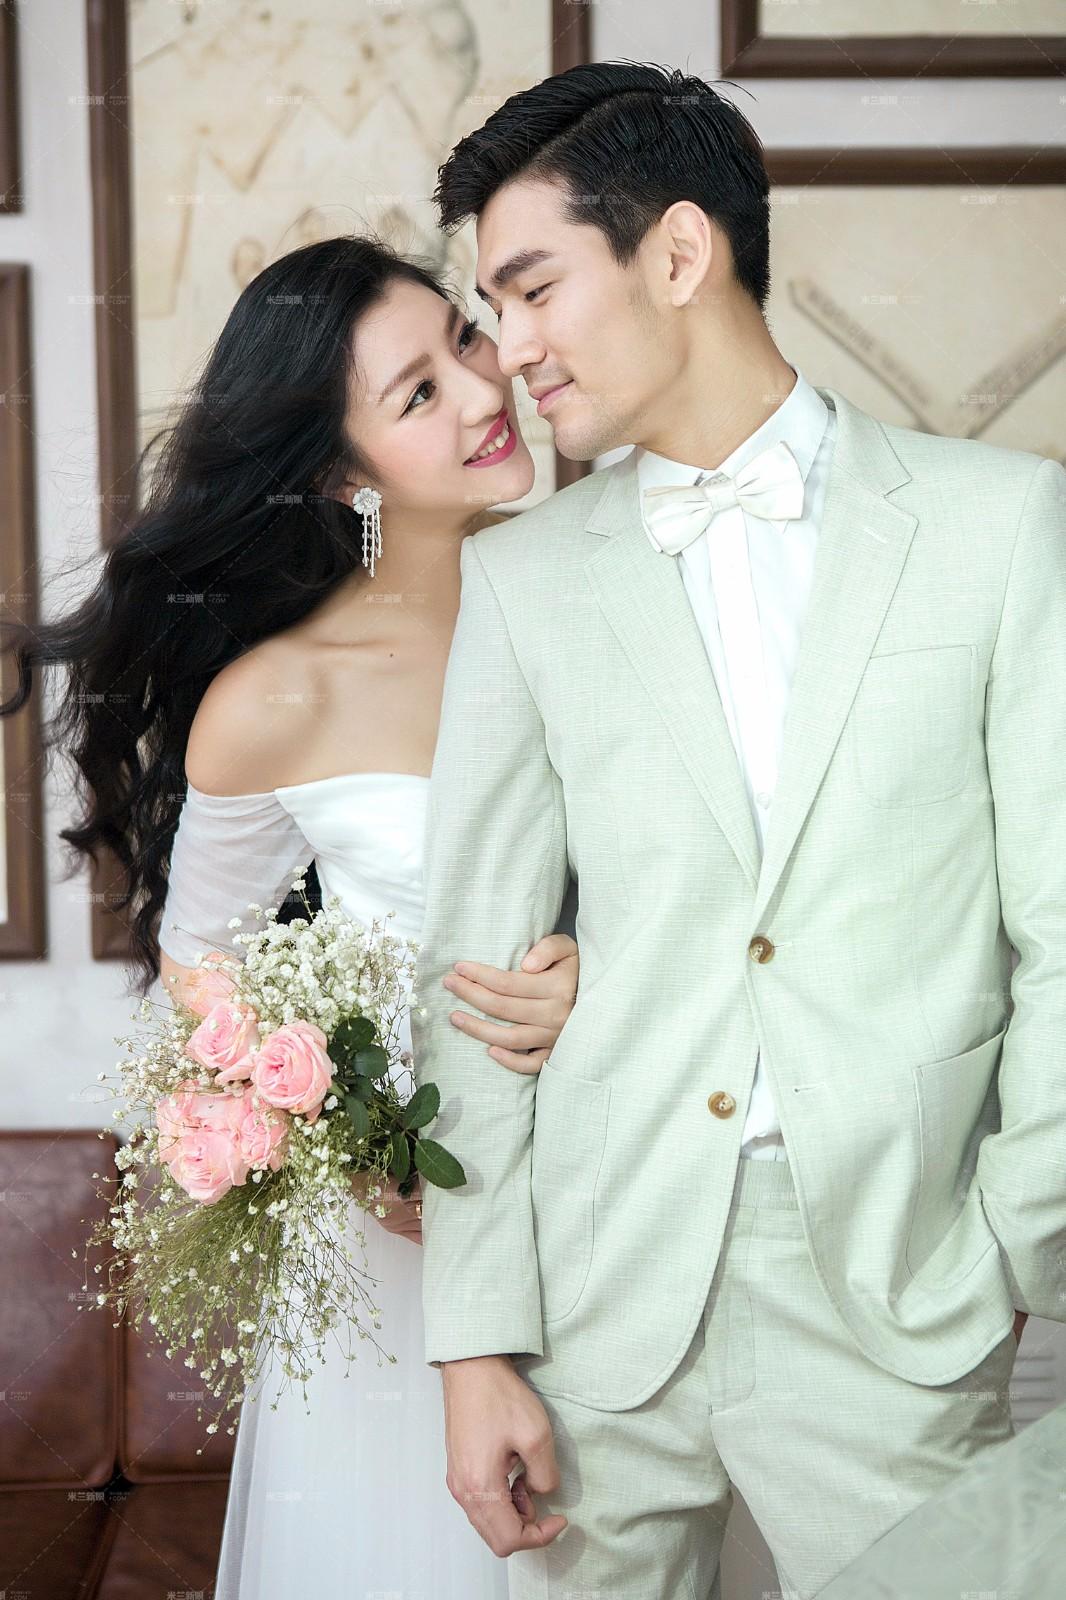 韩版婚纱露肩婚纱蕾丝婚纱公主款婚纱图片大全